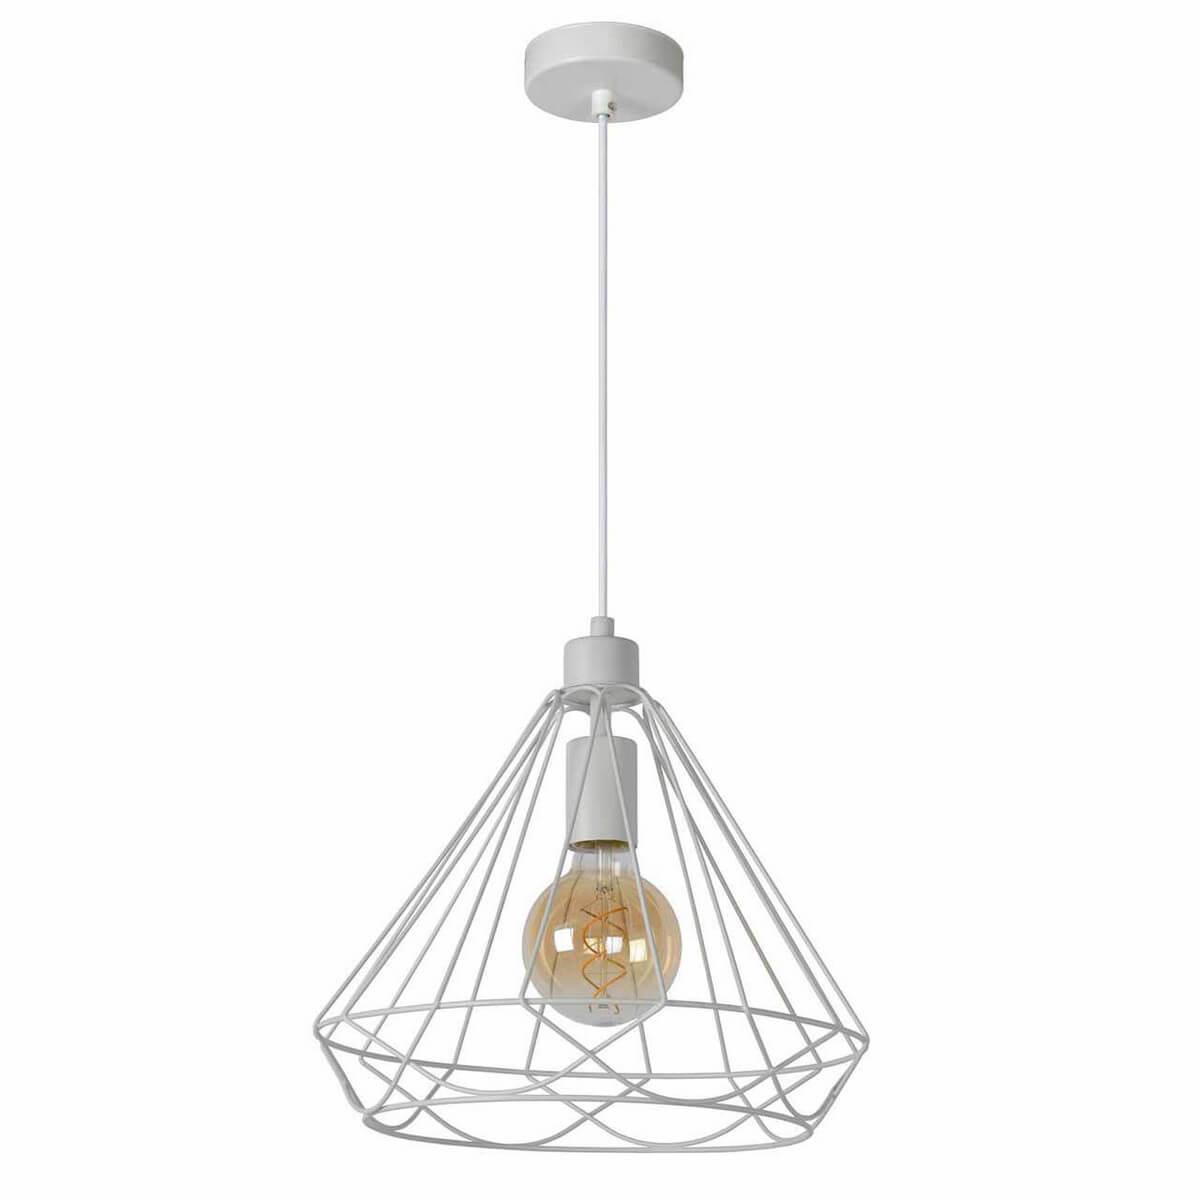 Подвесной светильник Lucide 78385/32/31, E27, 60 Вт подвесной светильник lucide boutique 31422 40 31